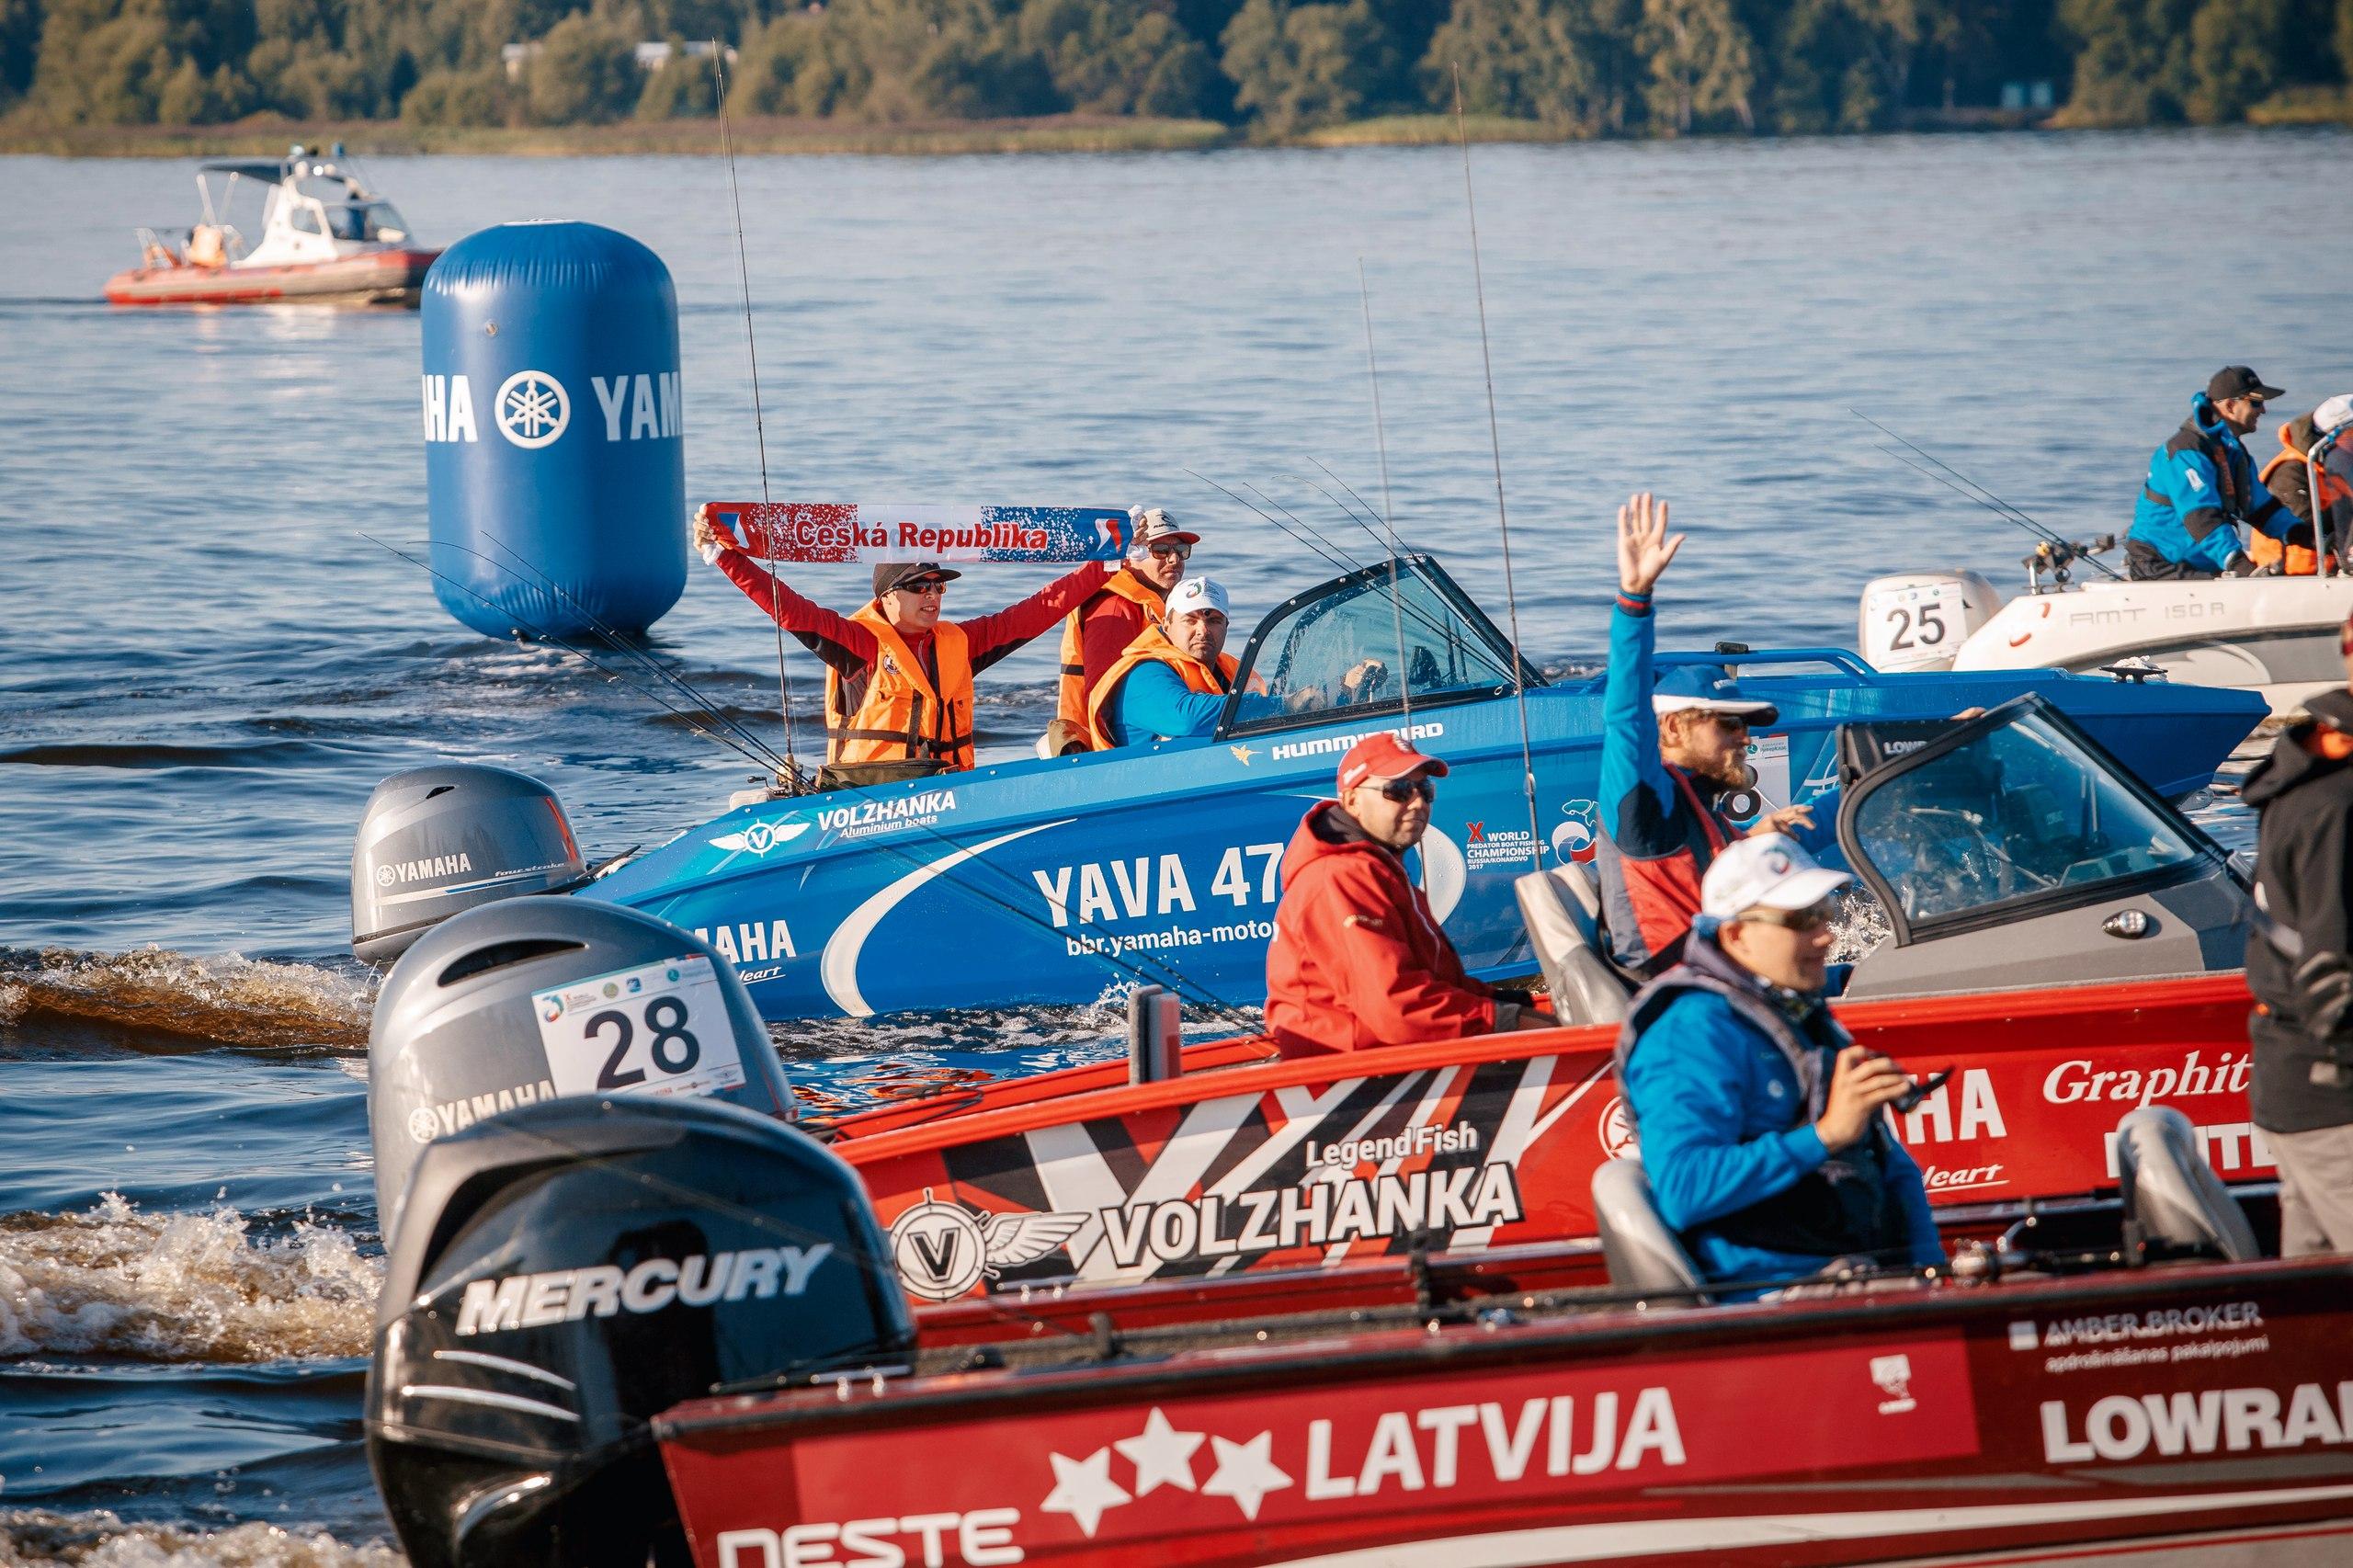 Фотоотчет с Чемпионата мира по ловле спиннингом с лодок